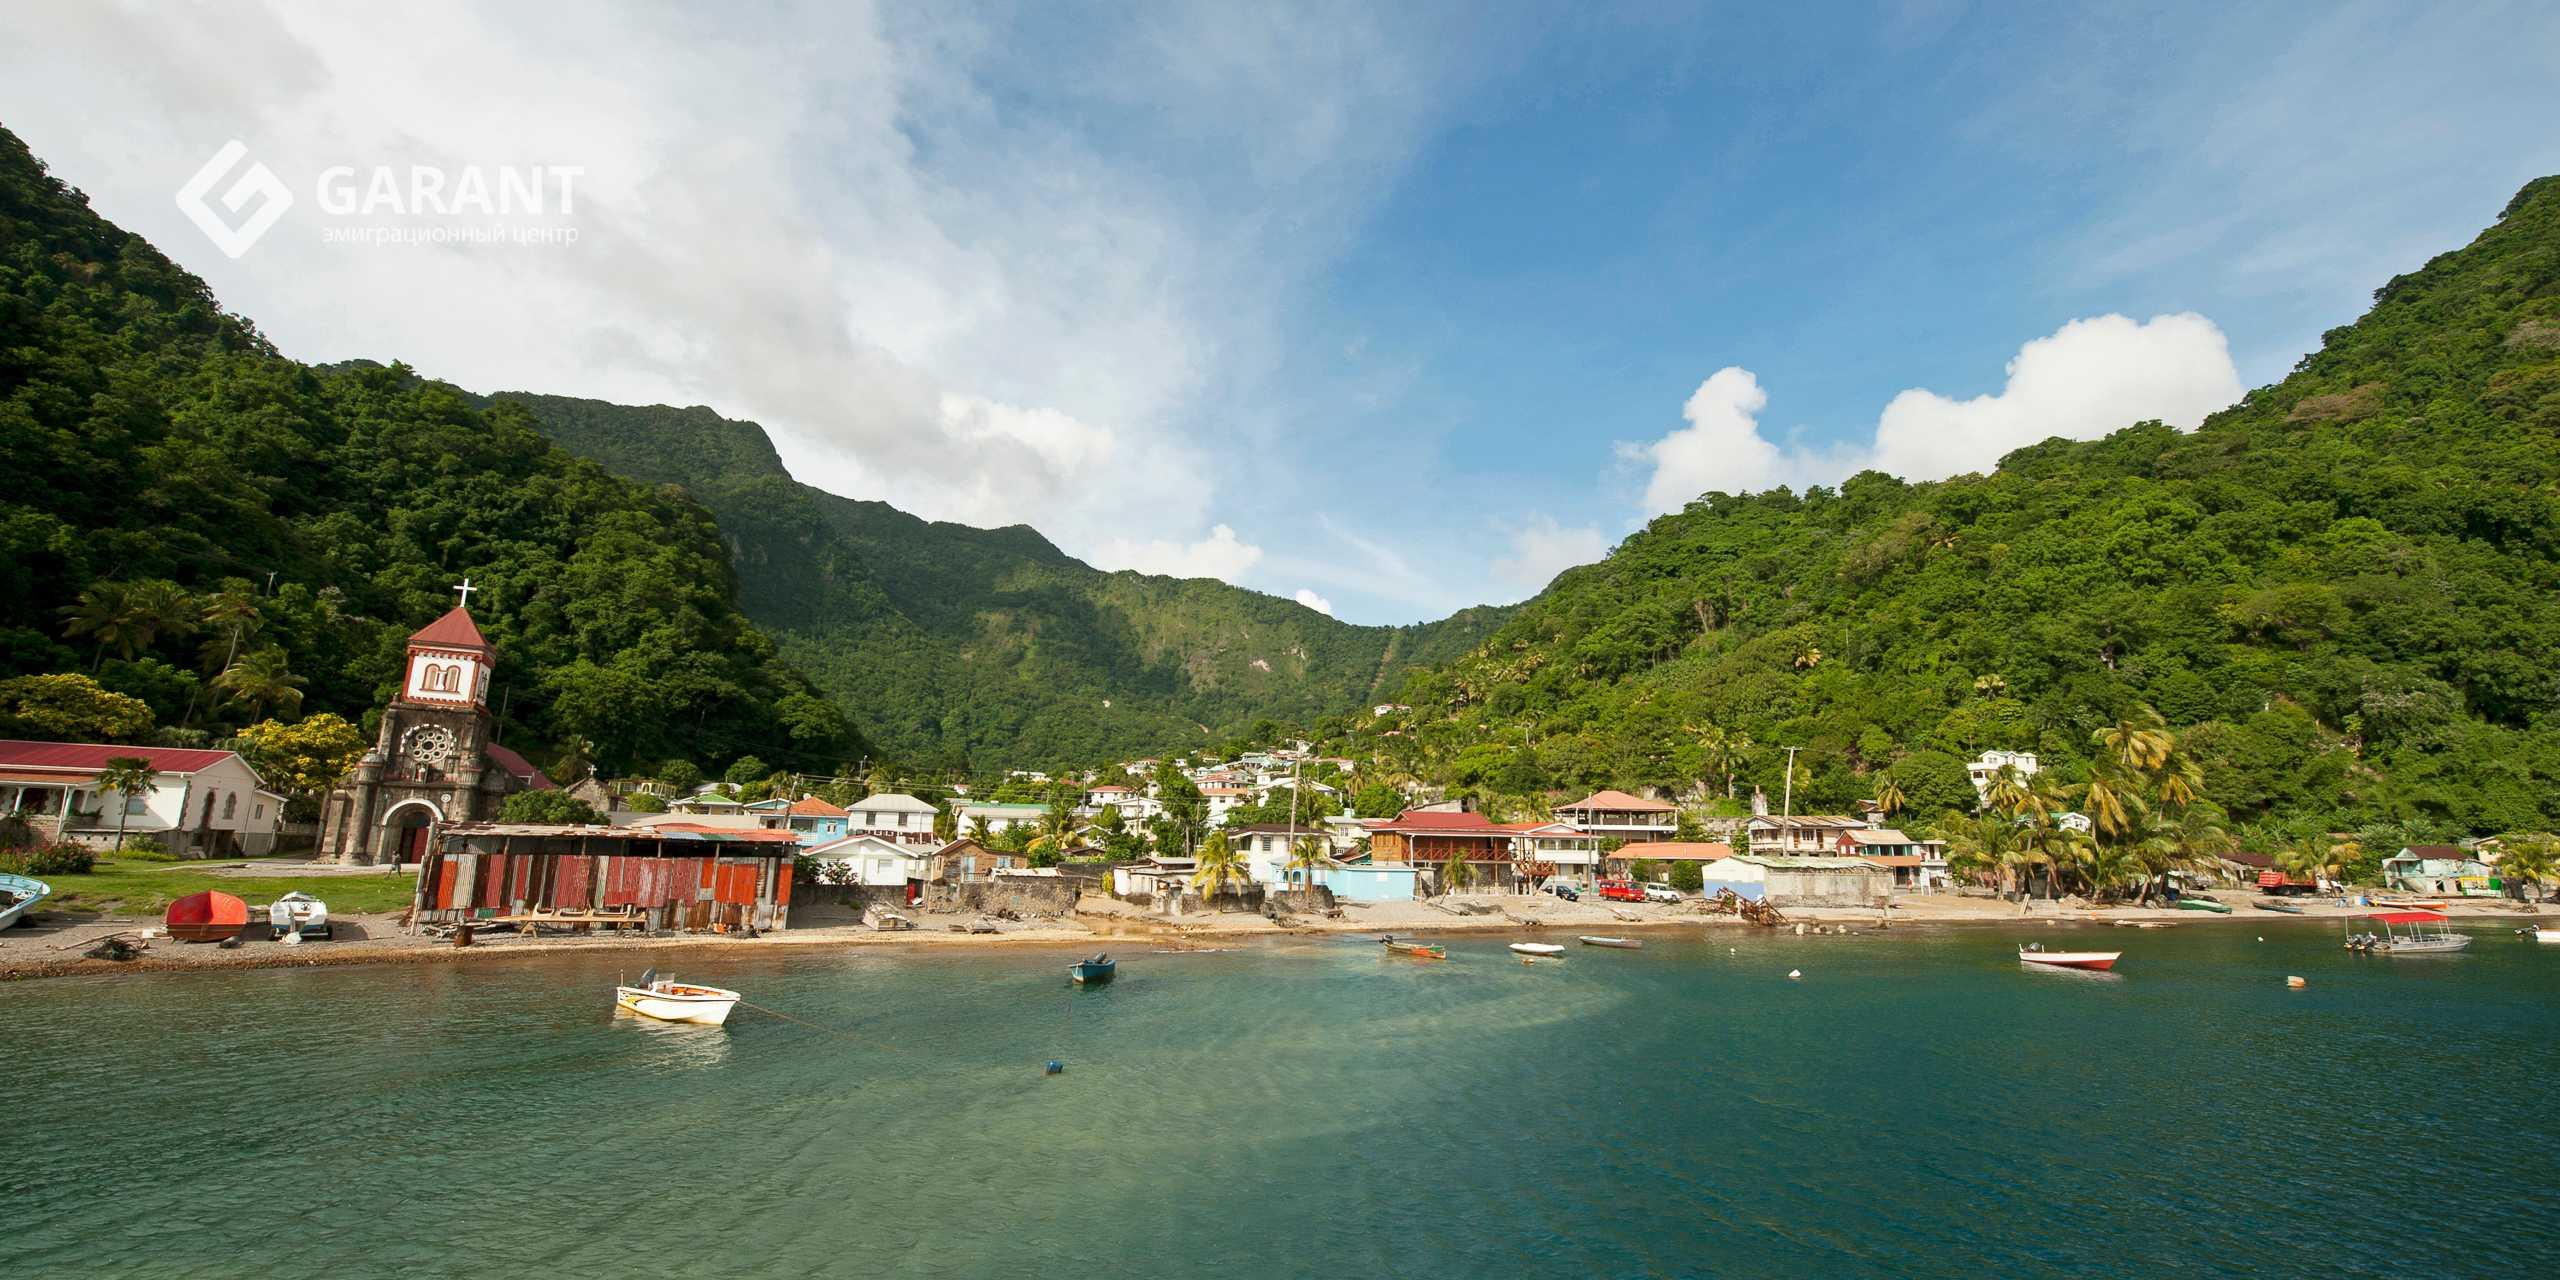 получение гражданства Доминики после покупки недвижимости